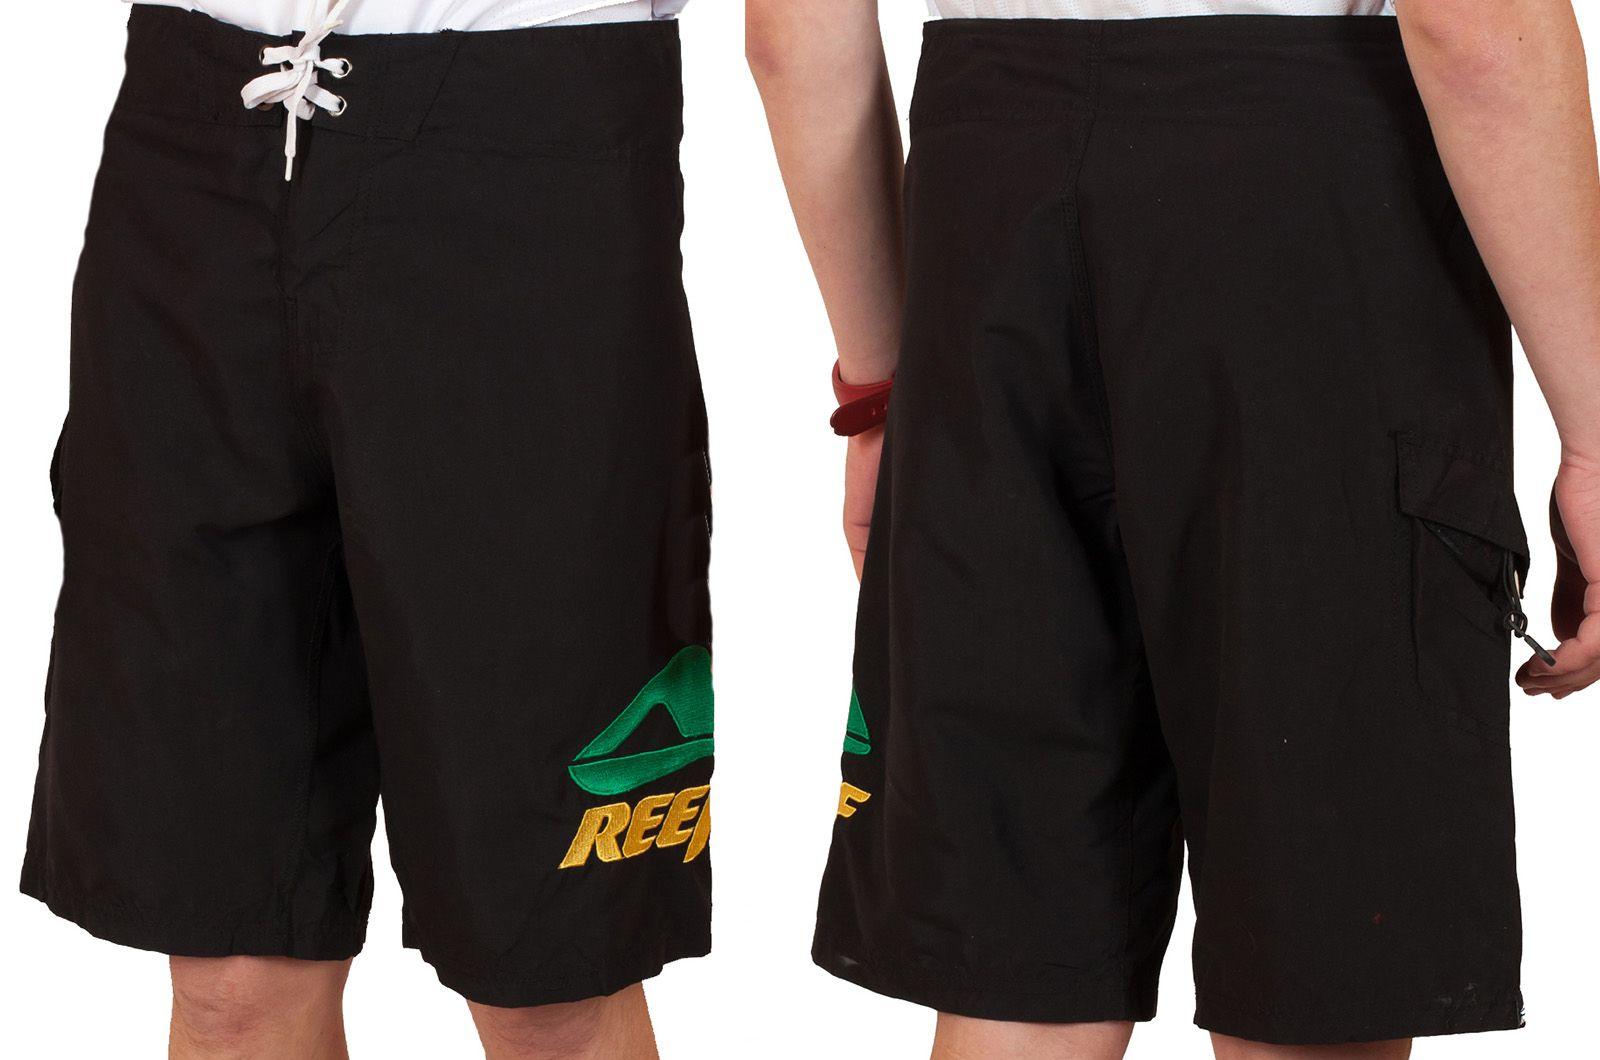 Летние шорты Reef для подростков - общий вид